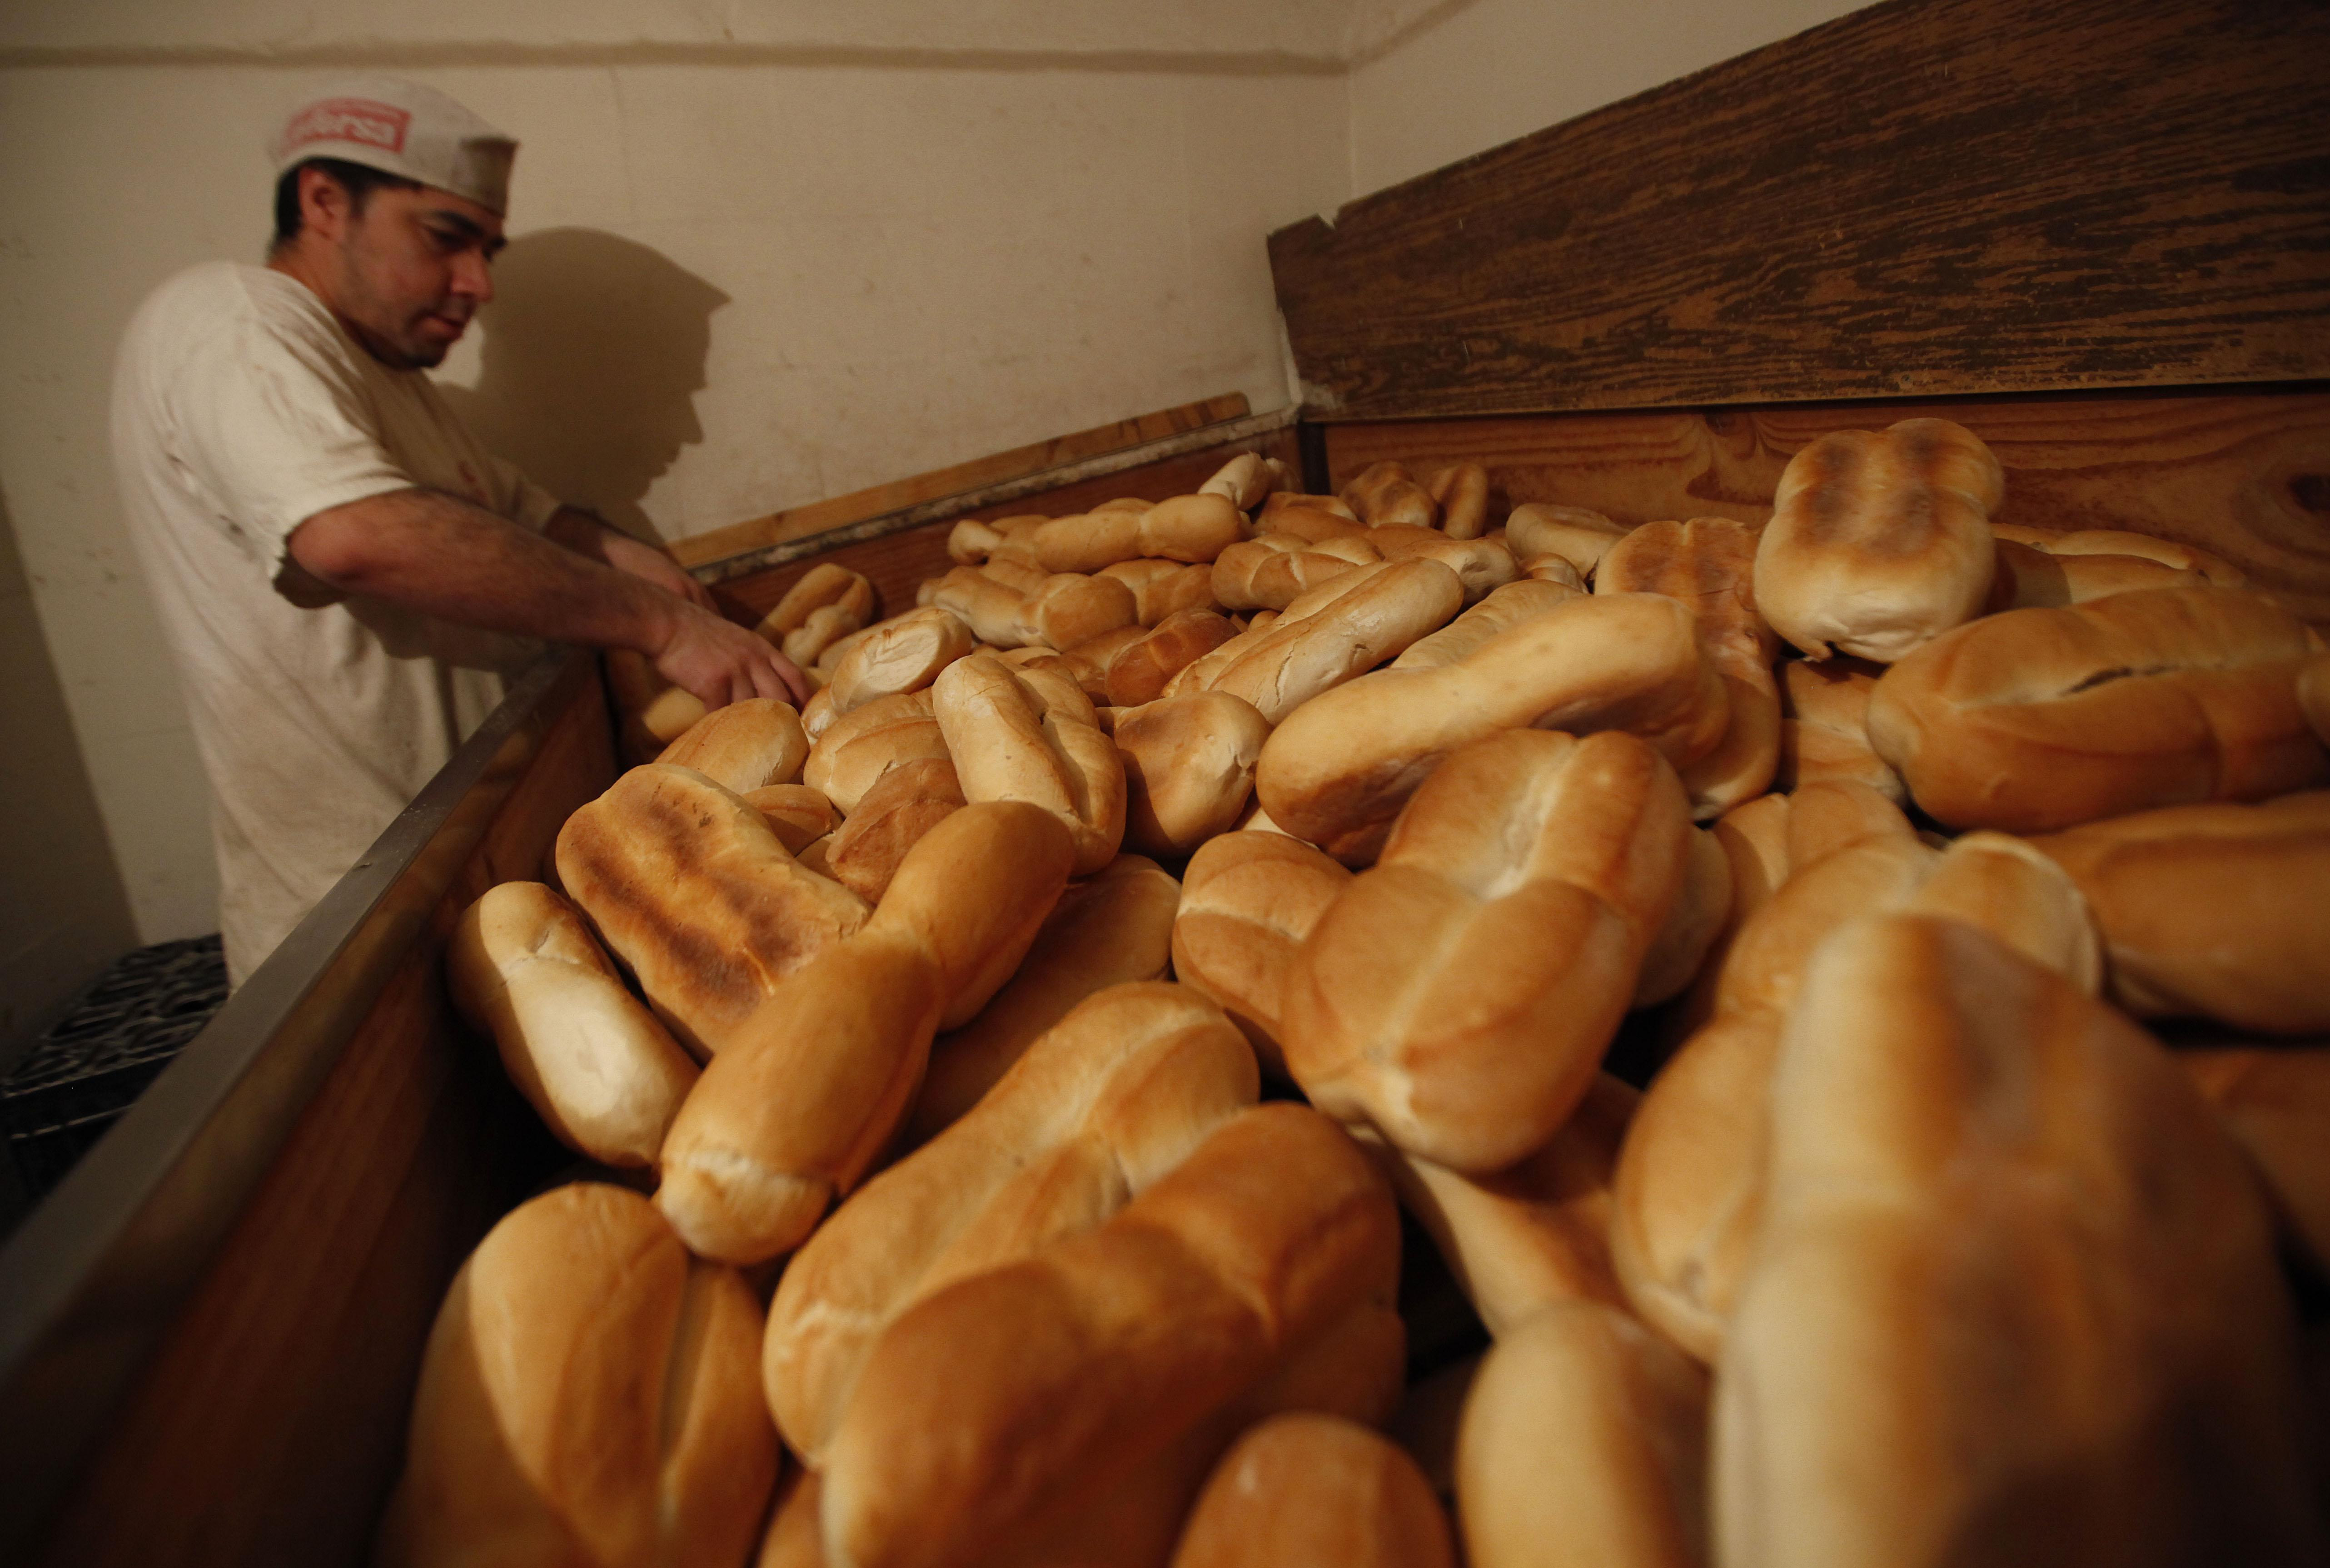 06 Mayo de 2011 El vicepresidente de la federación chilena de industriales panaderos, confirmó que en los próximos días debiese existir un alza en el pan, considerando el alza de la harina, del combustible y los costos asociados. Foto: MARCELO SEGURA/AGENCIAUNO